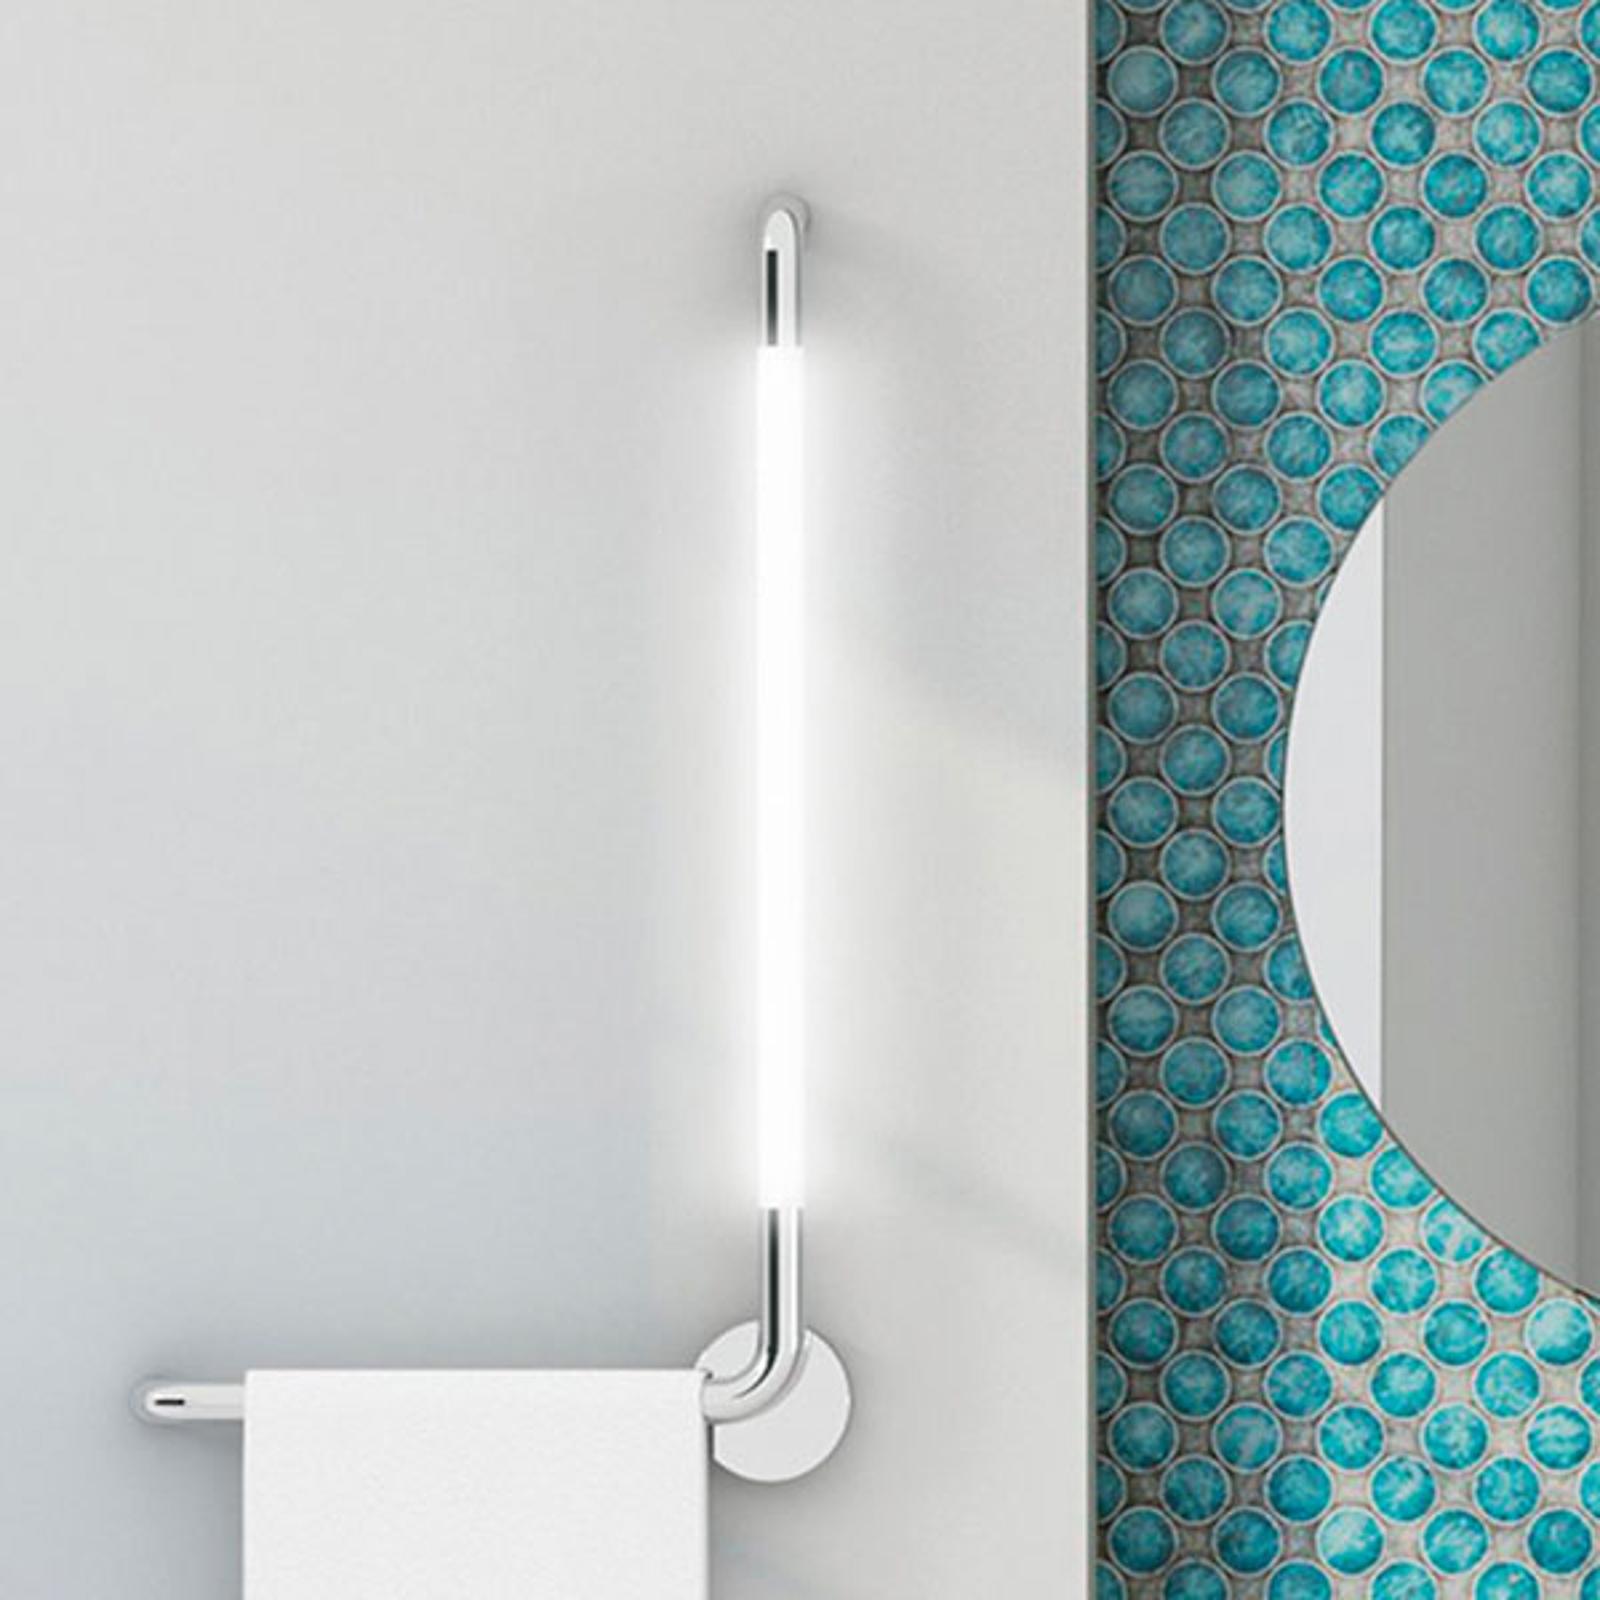 LED-vegglampe til bad Tubus, høyrejustering